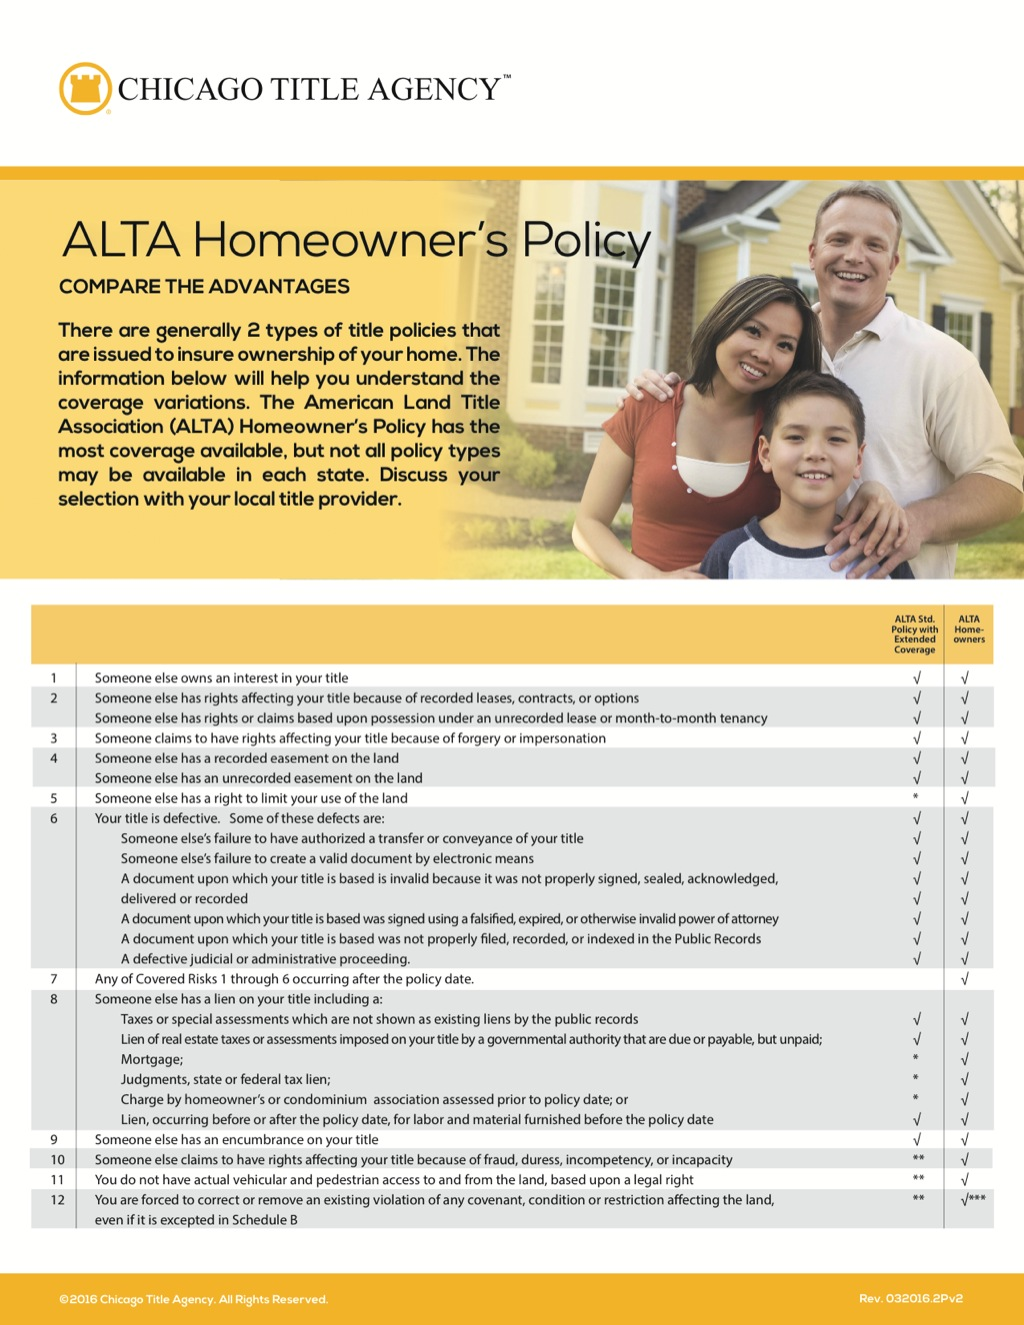 Corefact ALTA 2-Policy v2 compare - CTA